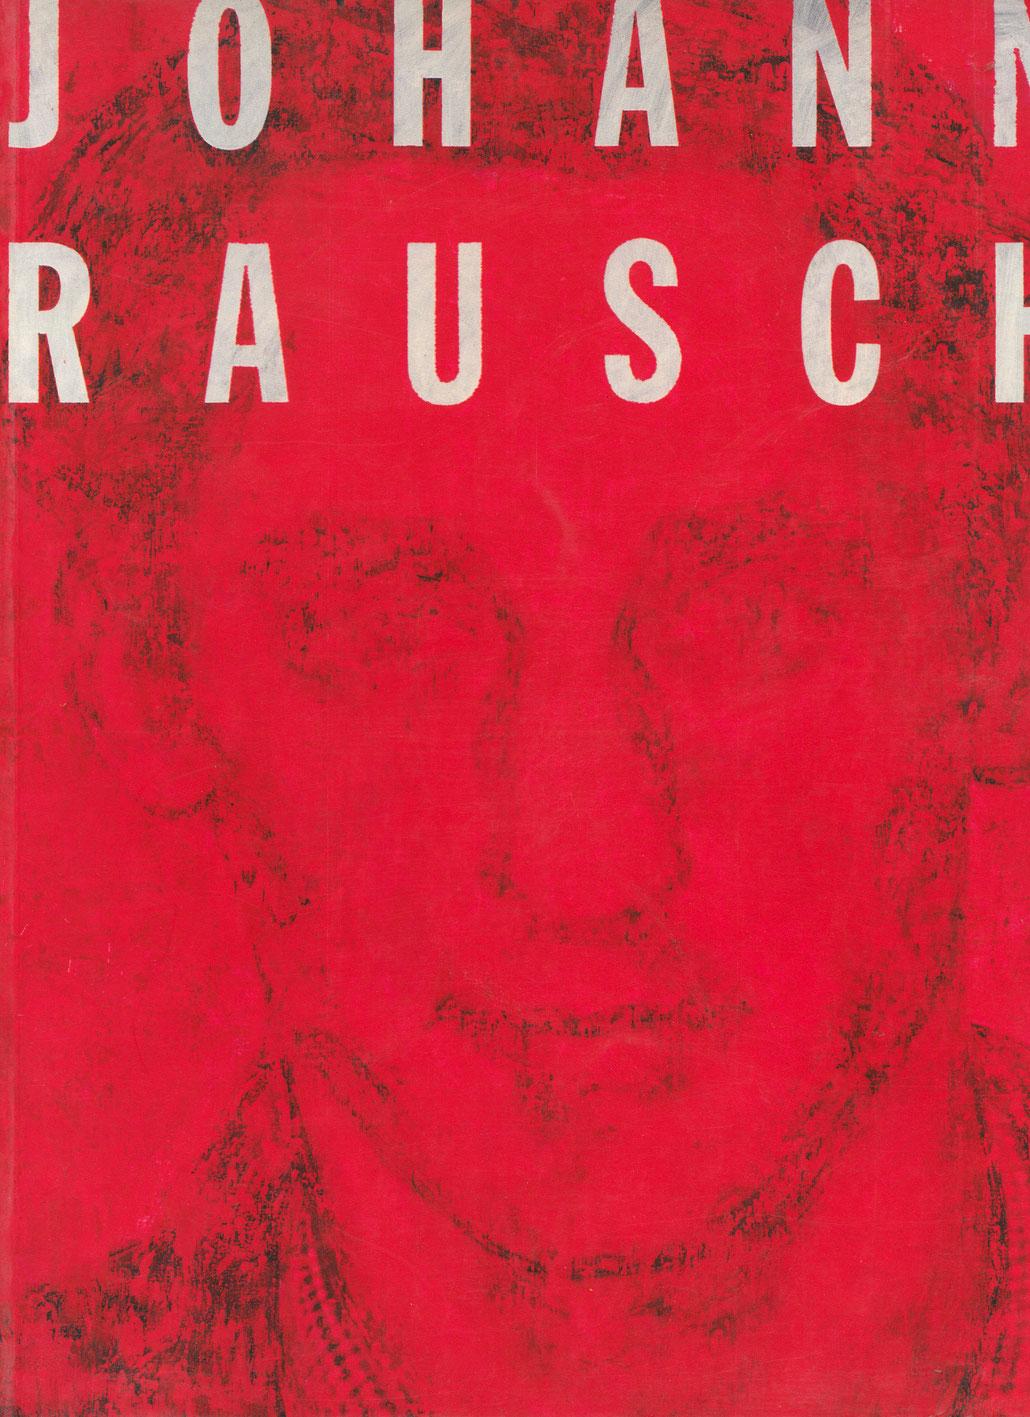 Johann Rausch Buch Kunst (Hannes)